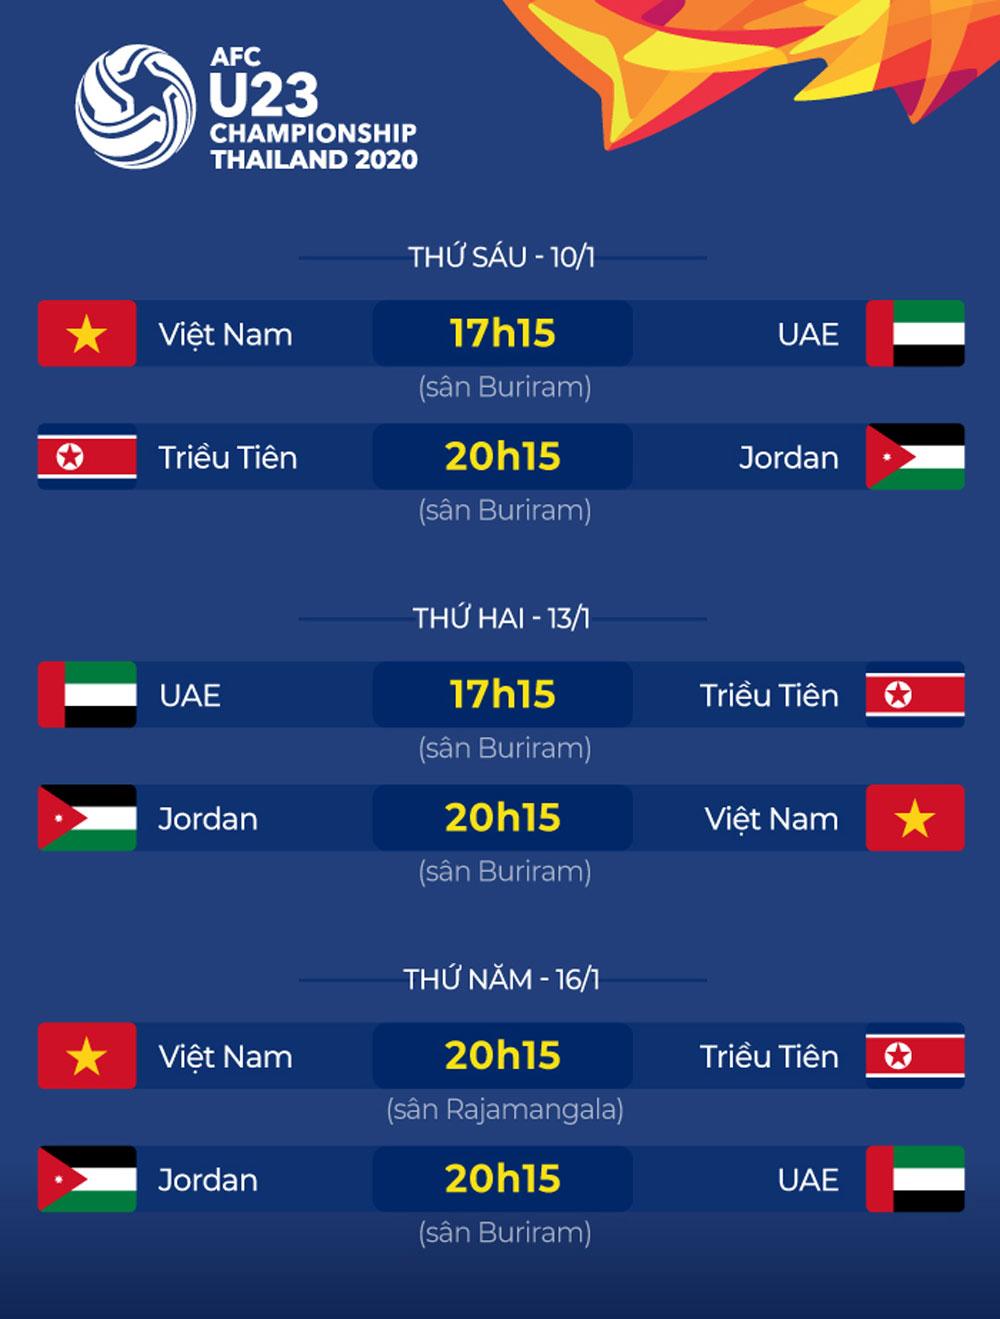 Các thủ môn Việt Nam, mặc áo trái, Nguyễn Văn Toản, Bùi Tiến Dũng, U23 châu á